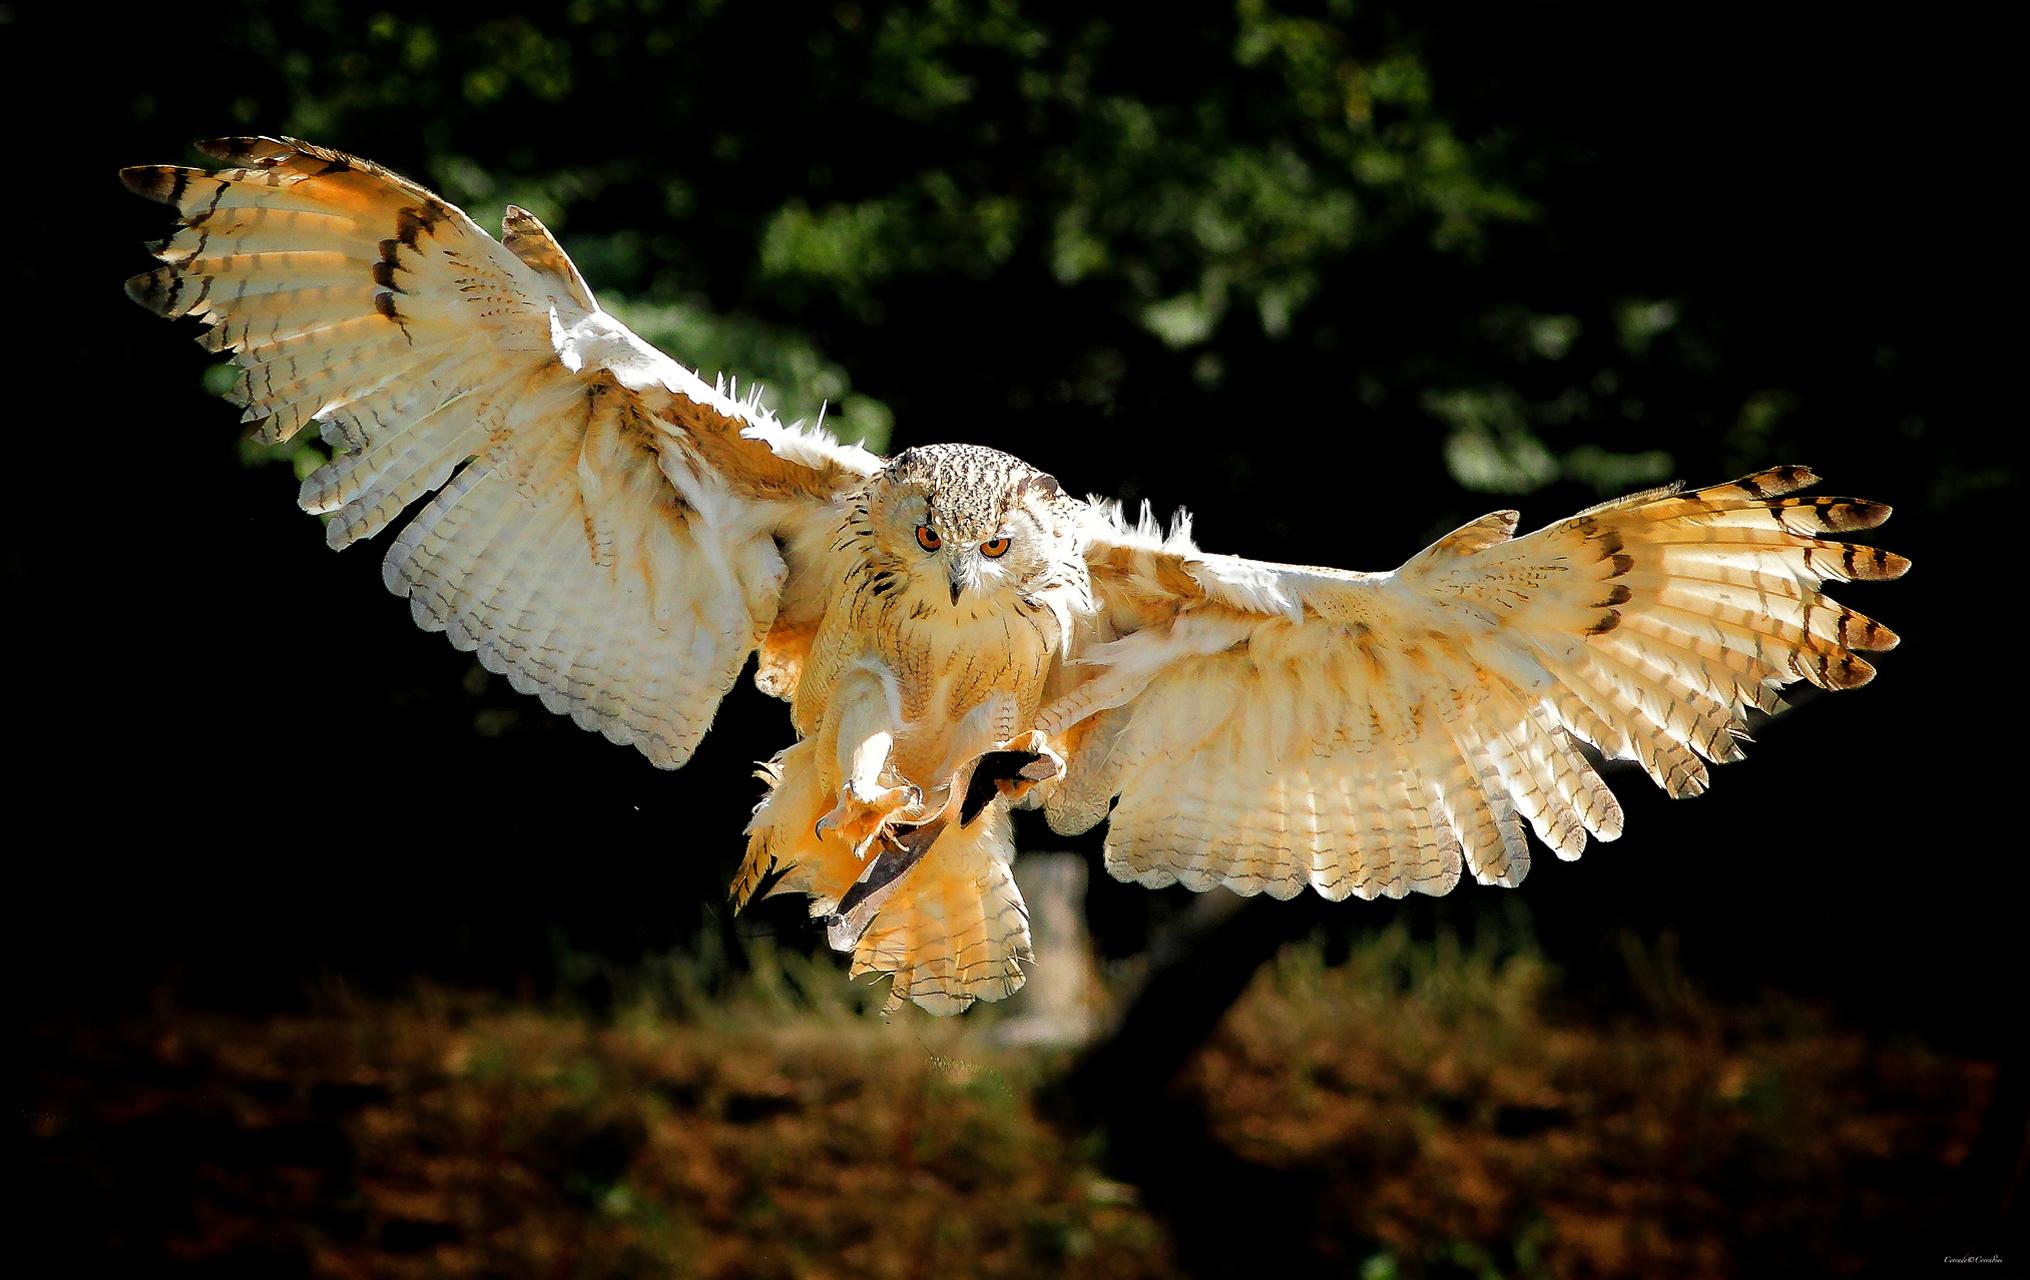 Hintergrundbilder Eulen Vögel Flügel Flug Tiere Vogel ein Tier